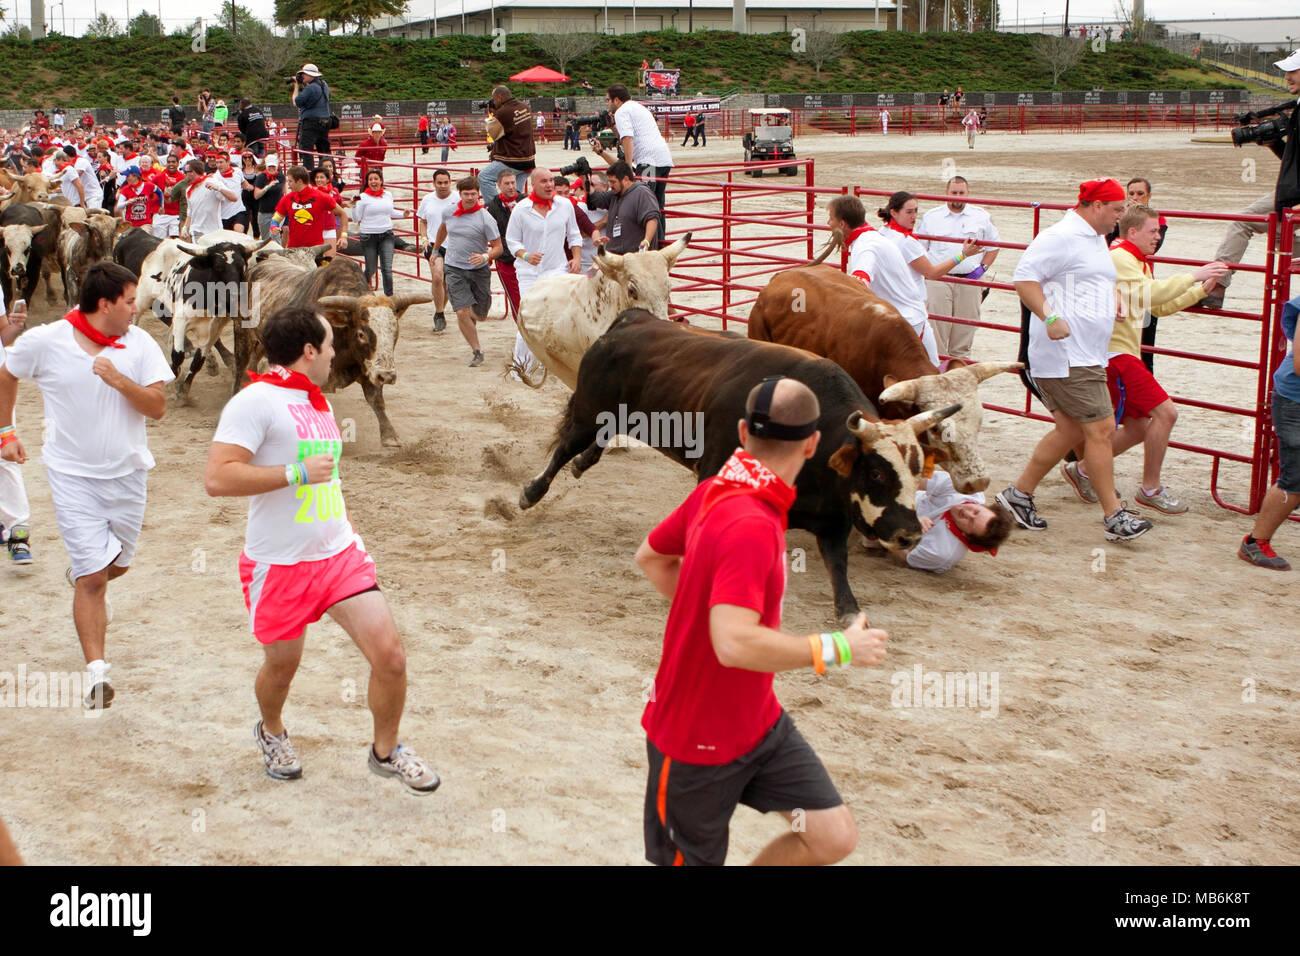 Ein Mann fällt zwischen zwei Ochsen und wird mit Füßen getreten Mit der Stiere an den großen Bull Run am 19. Oktober 2013 in Atlanta, GA. Er ging weg. Stockbild